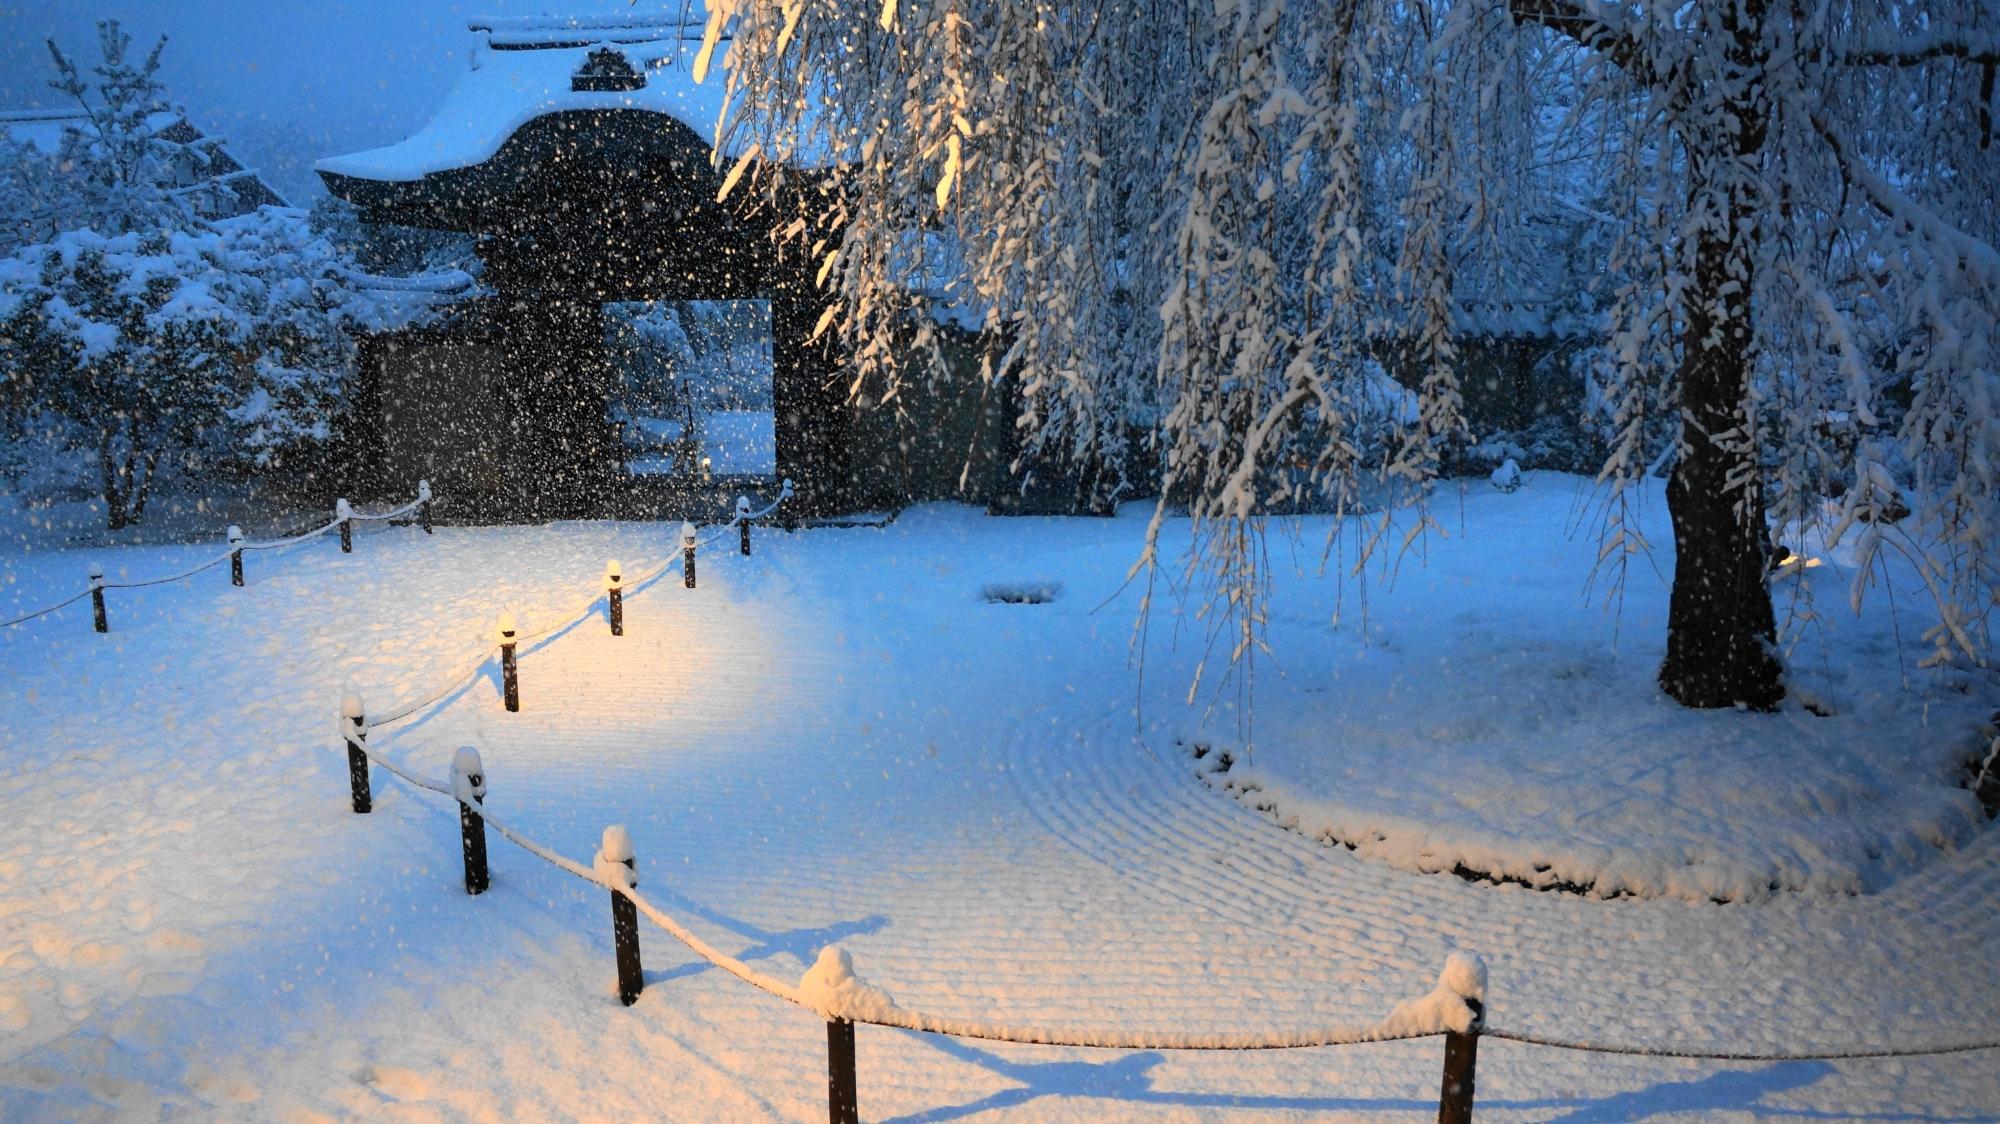 高台寺の幻想的な雪のしだれ桜